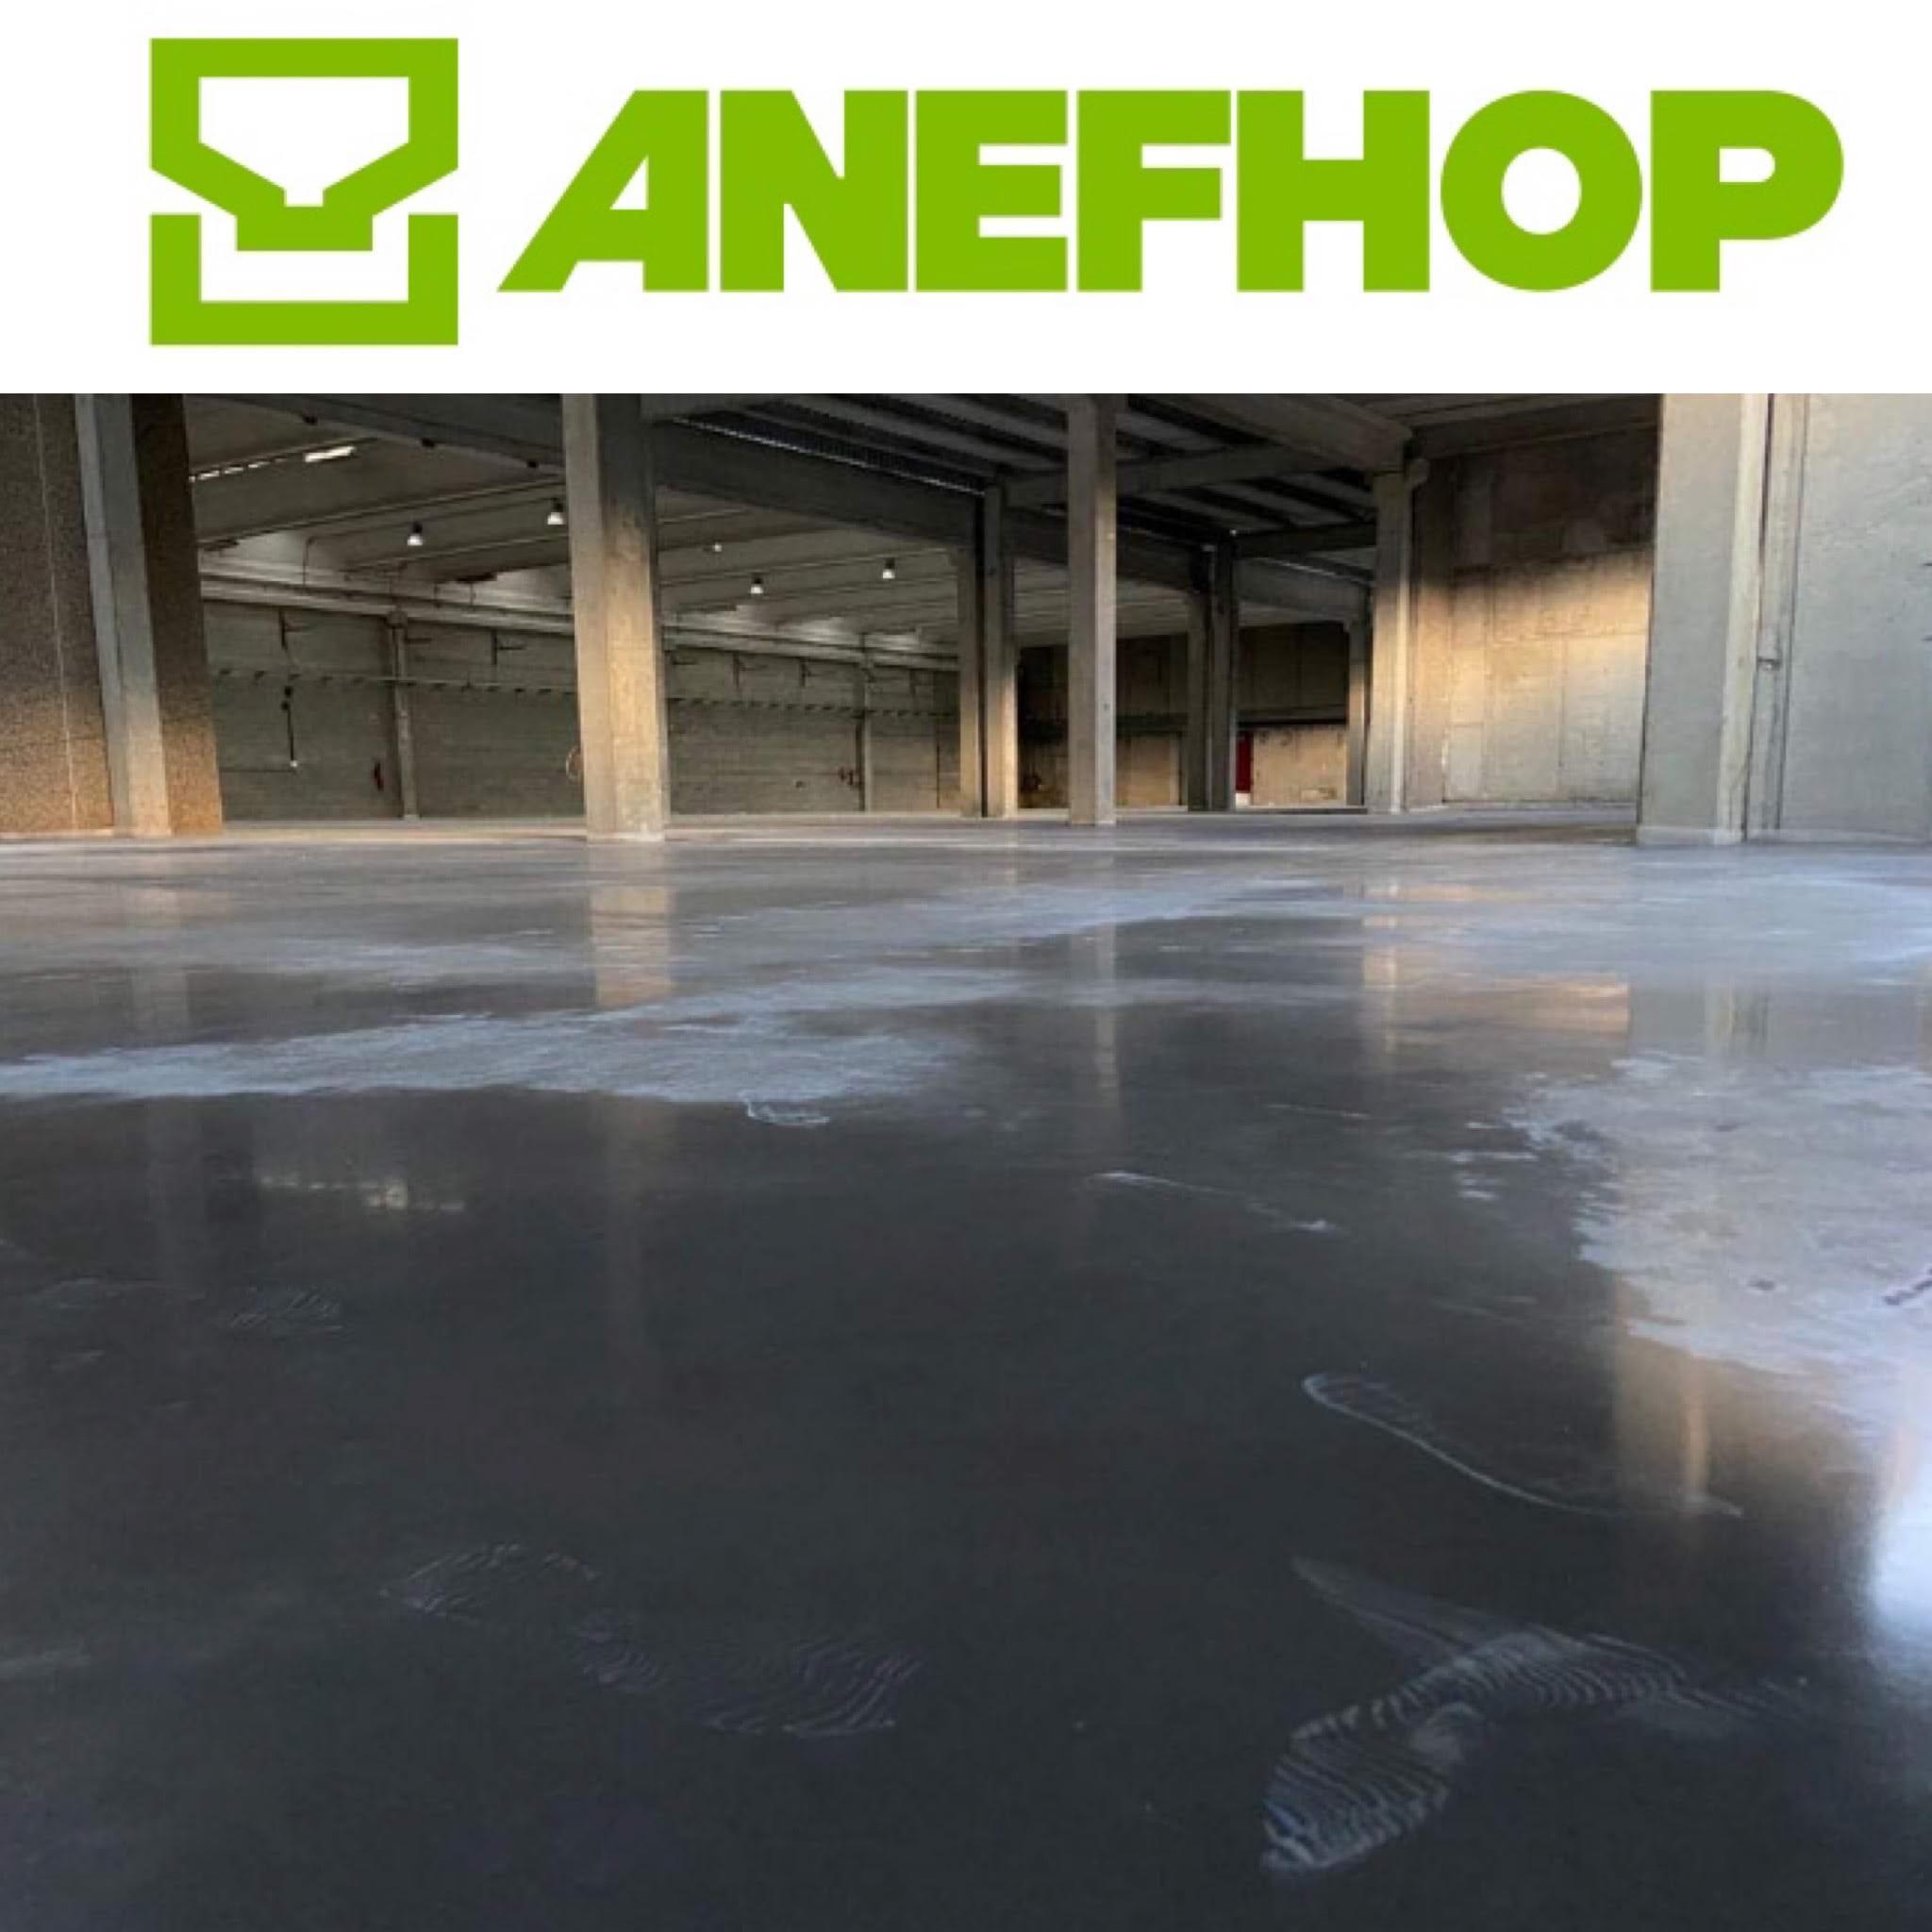 El Pavimento de Hormigón Conductivo consigue un accésit en los premios ANEFHOP